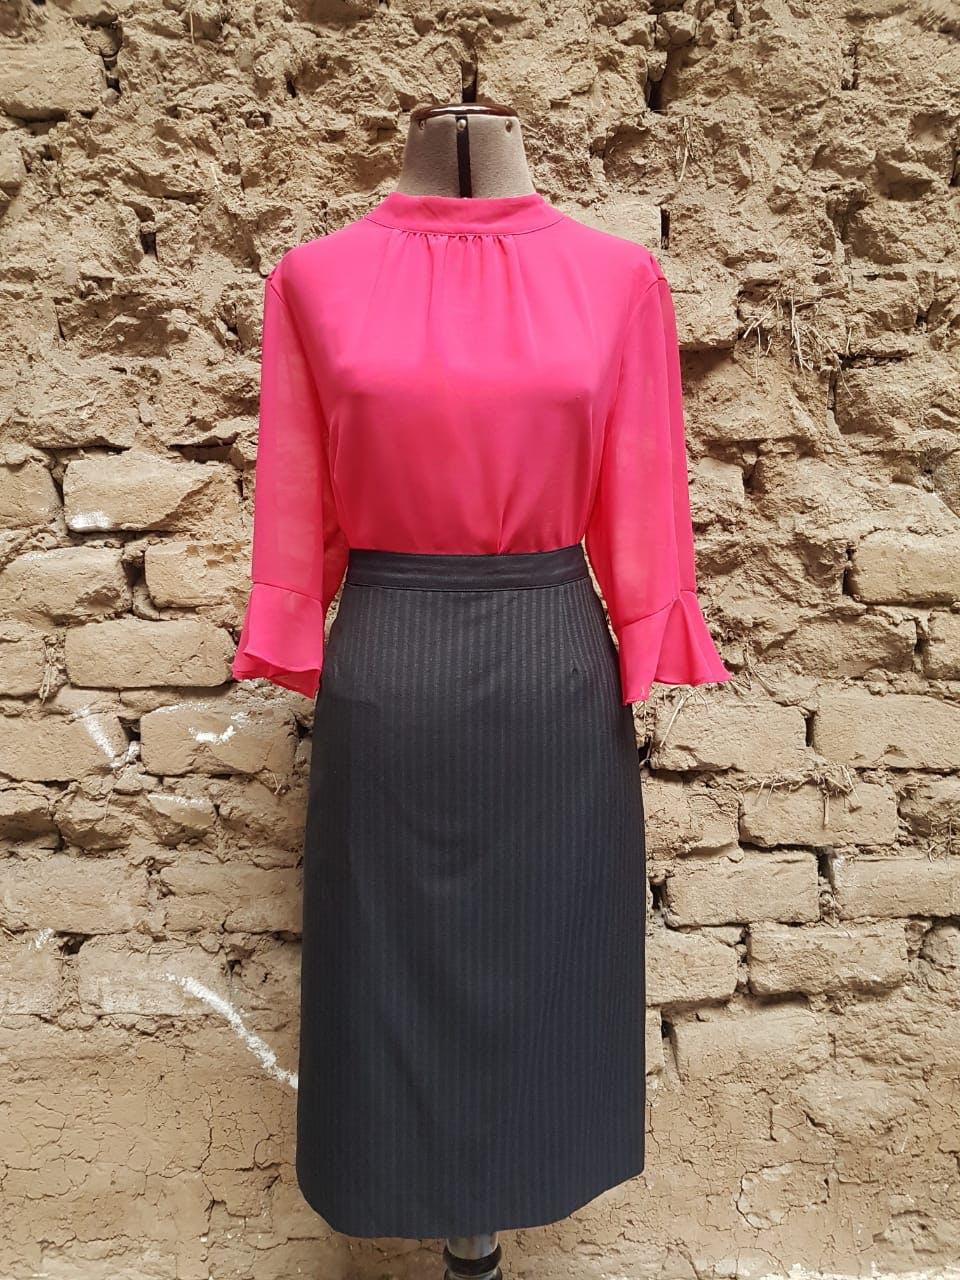 Falda recta, tela sastre, azul marino con líneas azul claro, forrada, con cierre y botón posterior Talla L